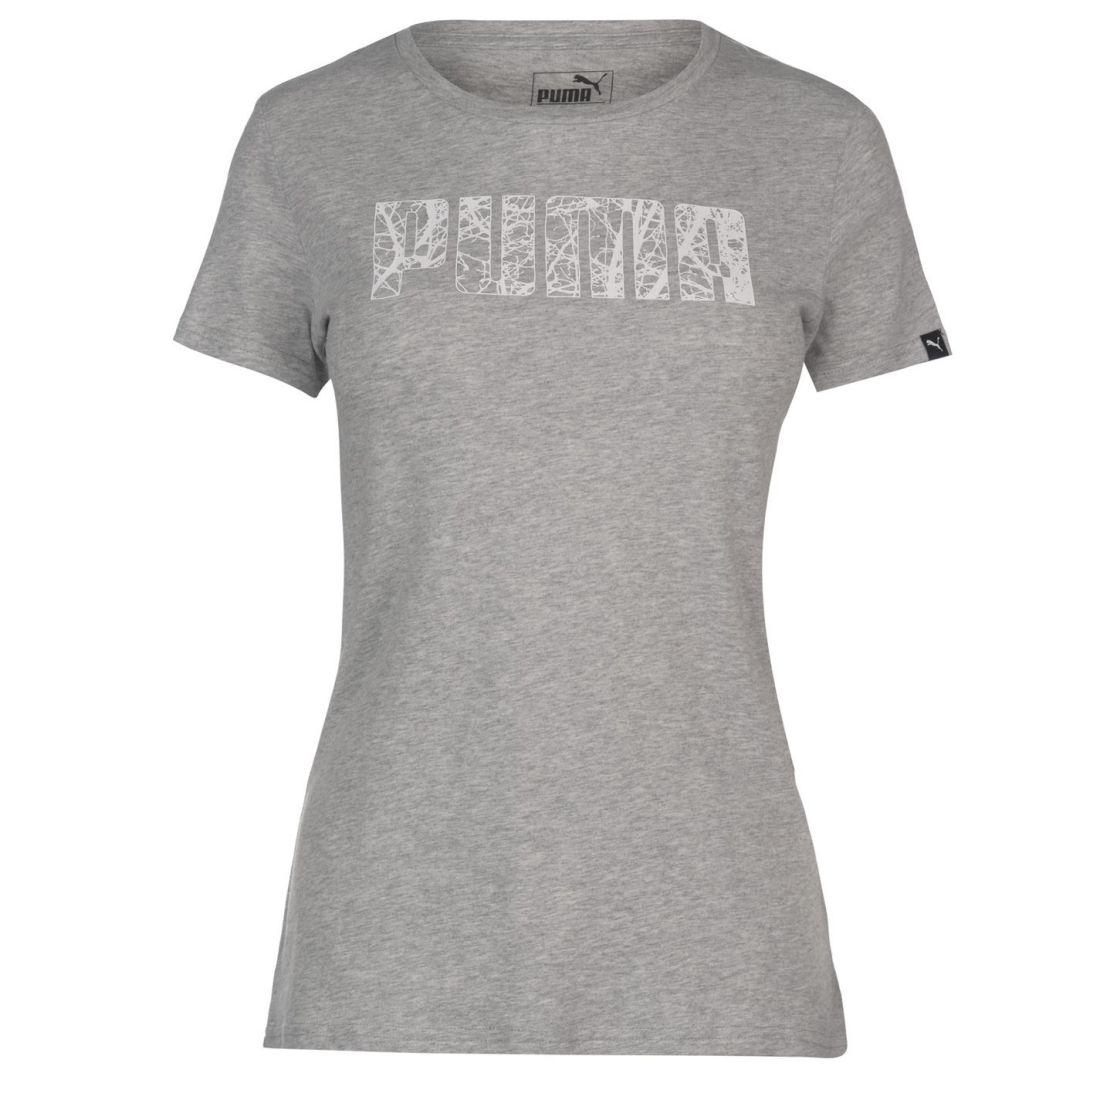 d7a1339f5416 Puma Big Logo QT T Shirt Ladies Crew Neck Tee Top Short Sleeve ...